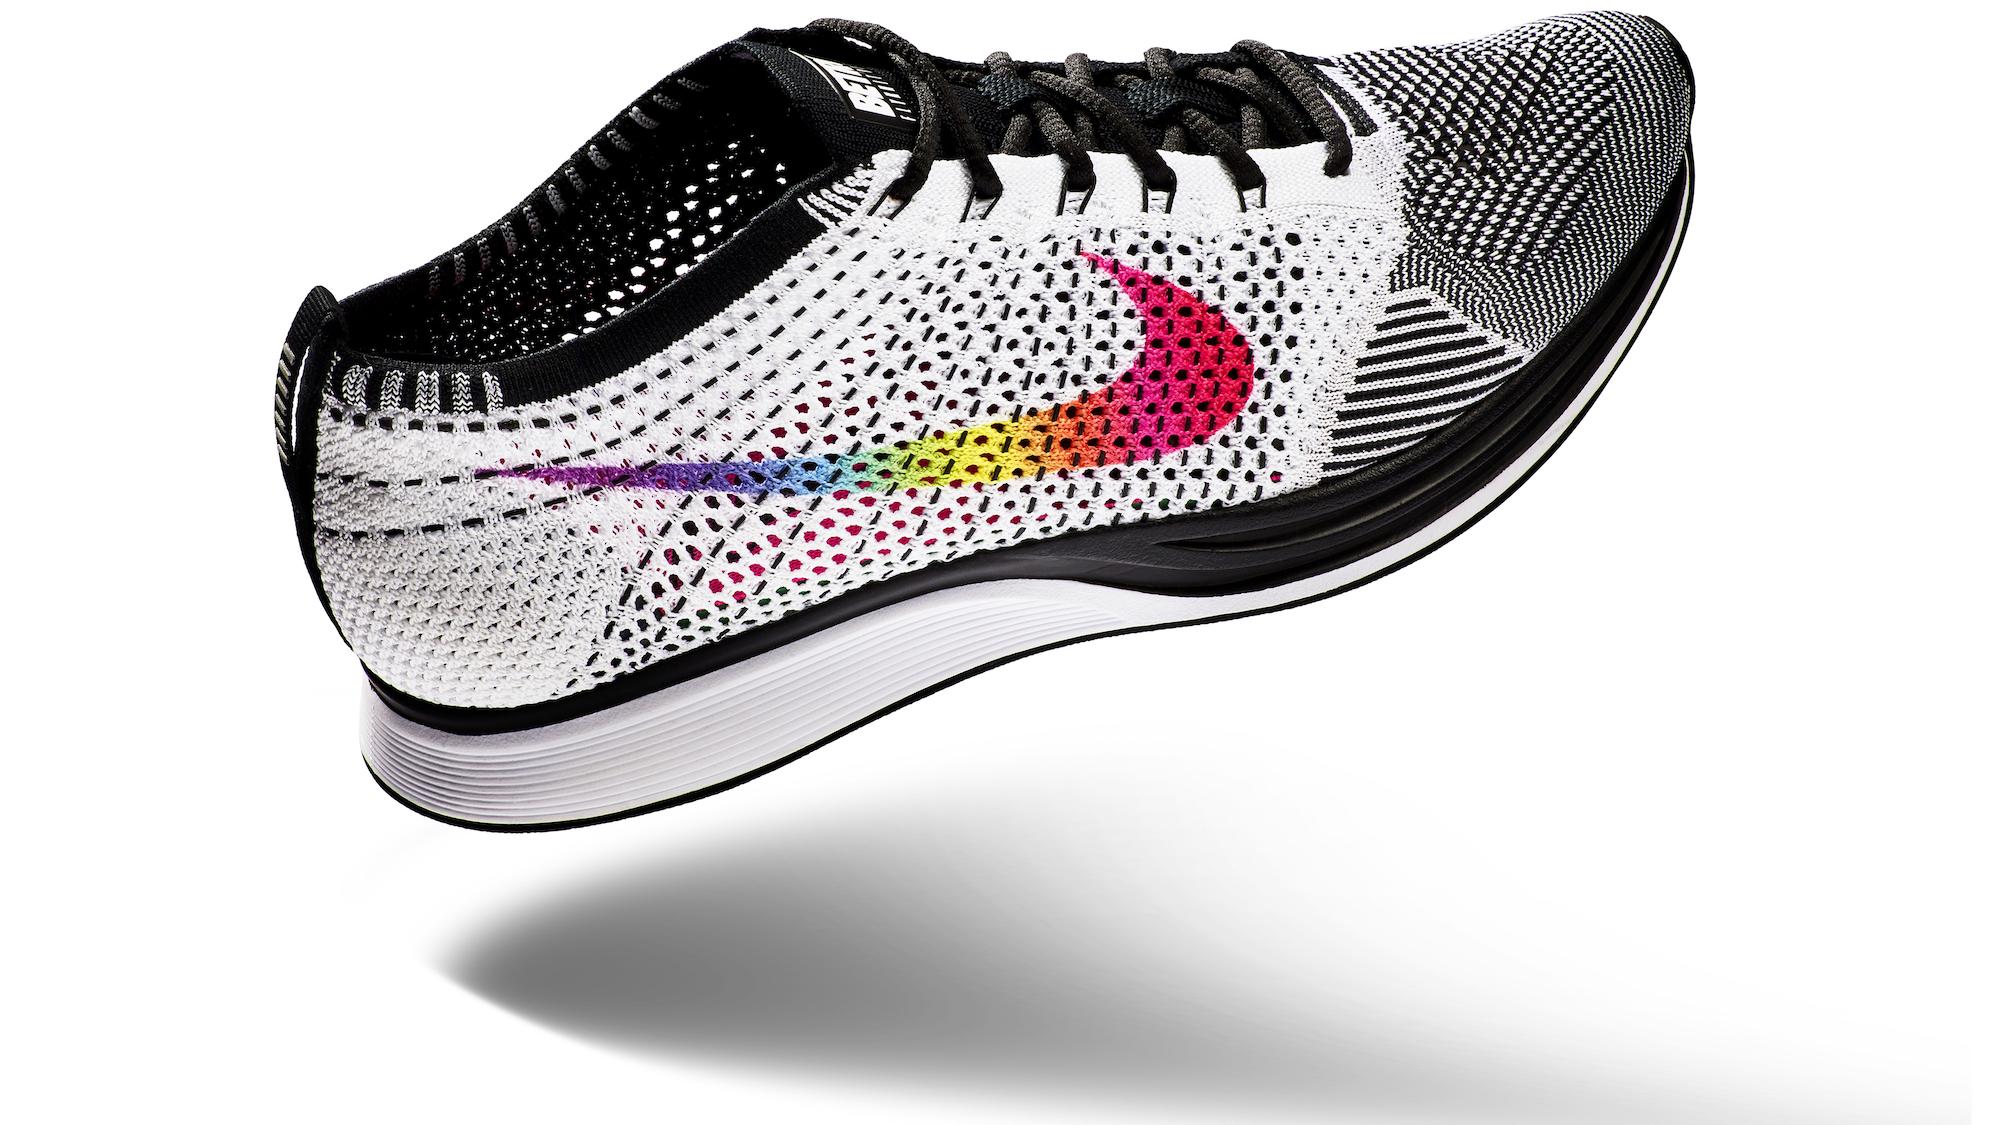 f2f0b8505542 Nike Flyknit Racer BETRUE 3 - WearTesters